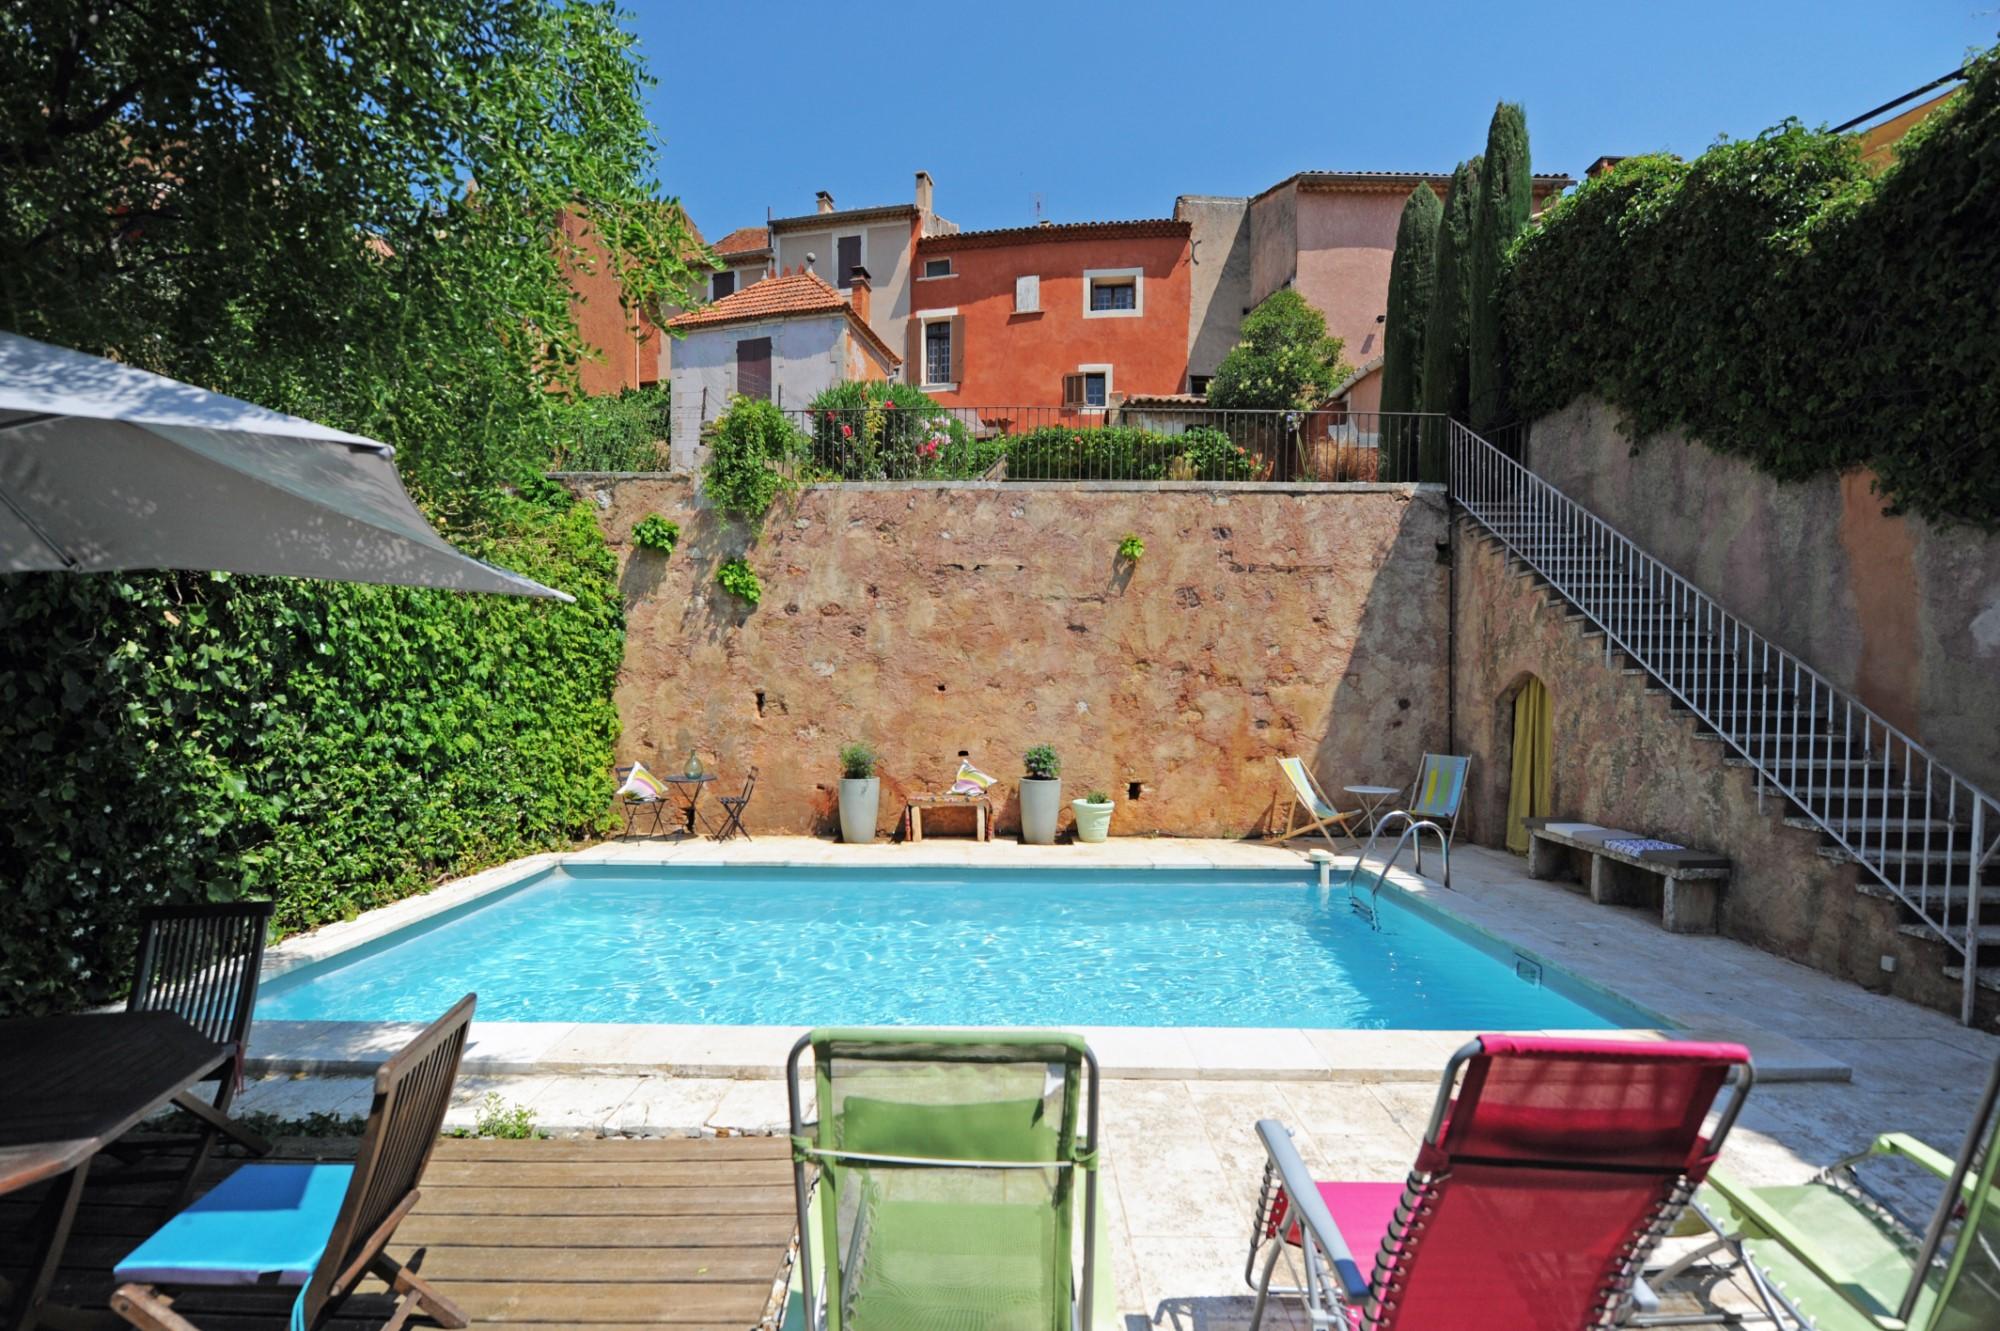 Maison de village avec terrasse, piscine et vue sur le Luberon